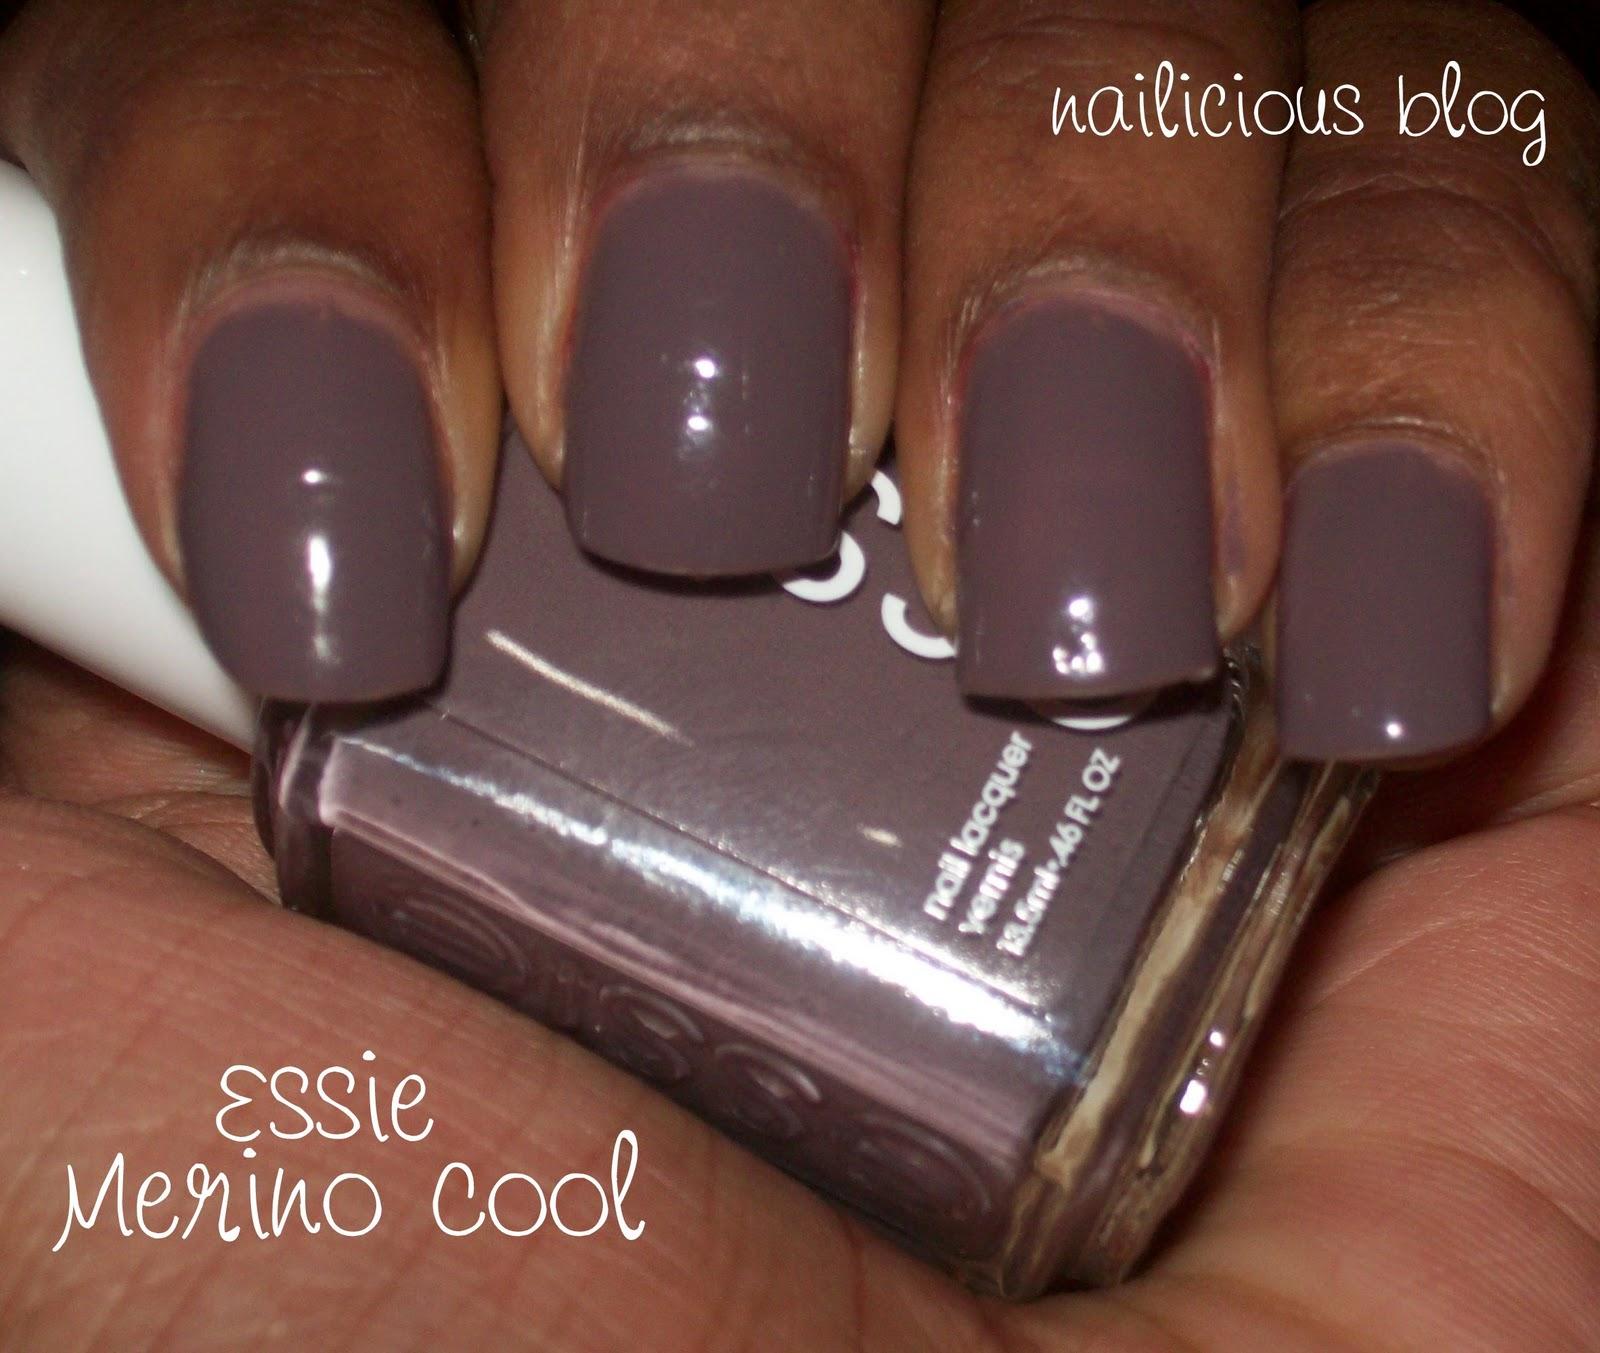 Essie Merino Cool ~ Nailicious